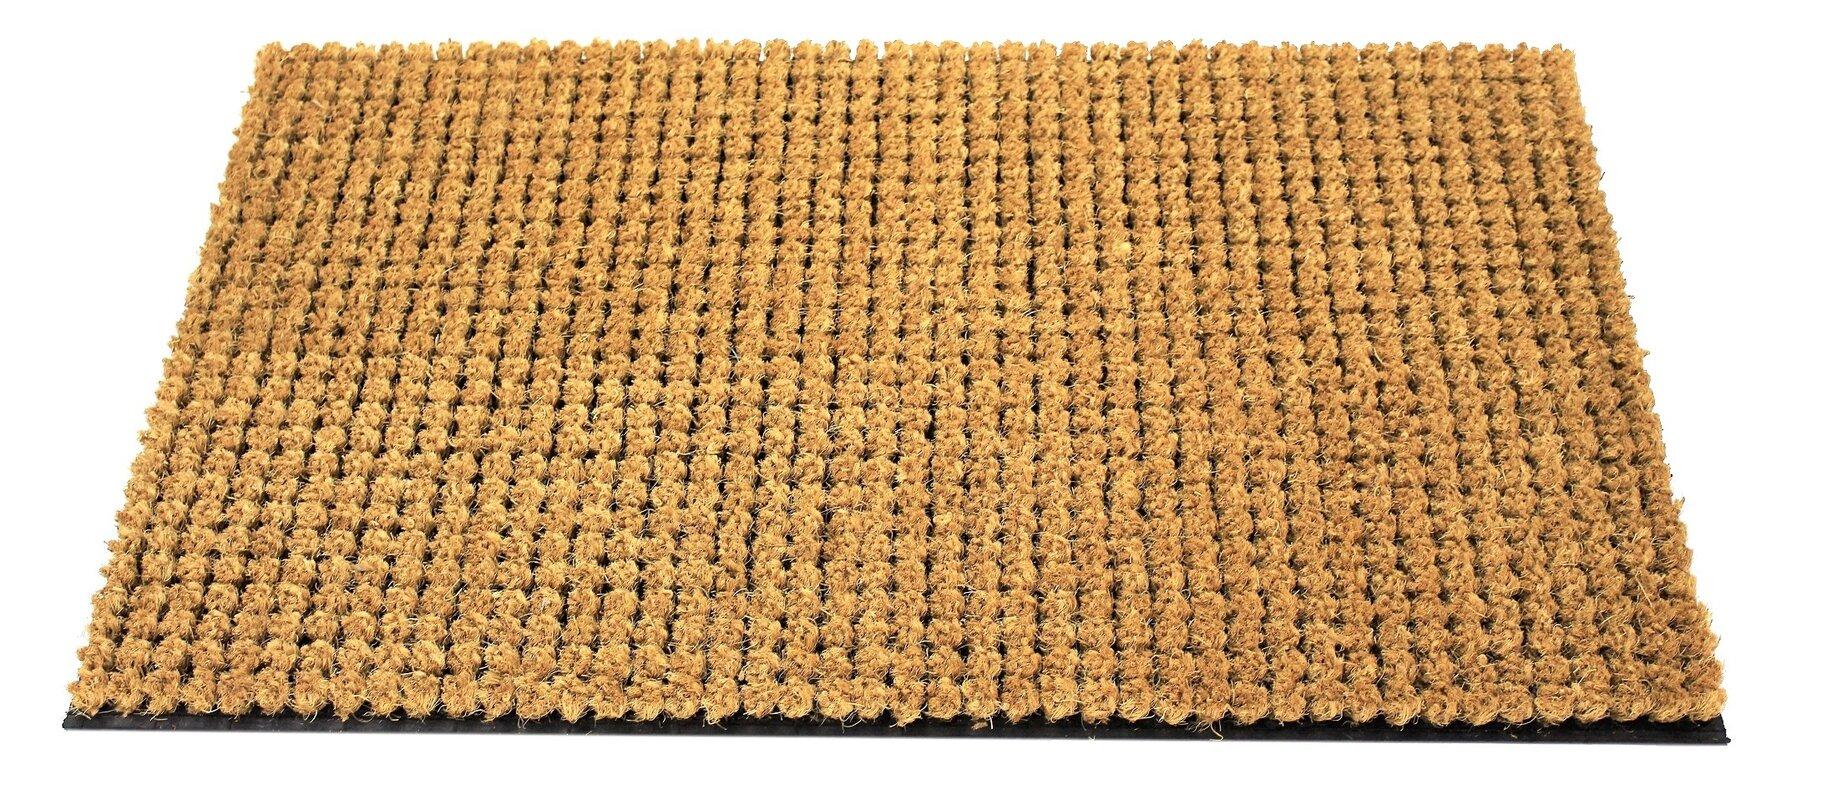 Decorating coir door mats pics : Envelor Home Coco Coir Cluster Outdoor Welcome Doormat & Reviews ...